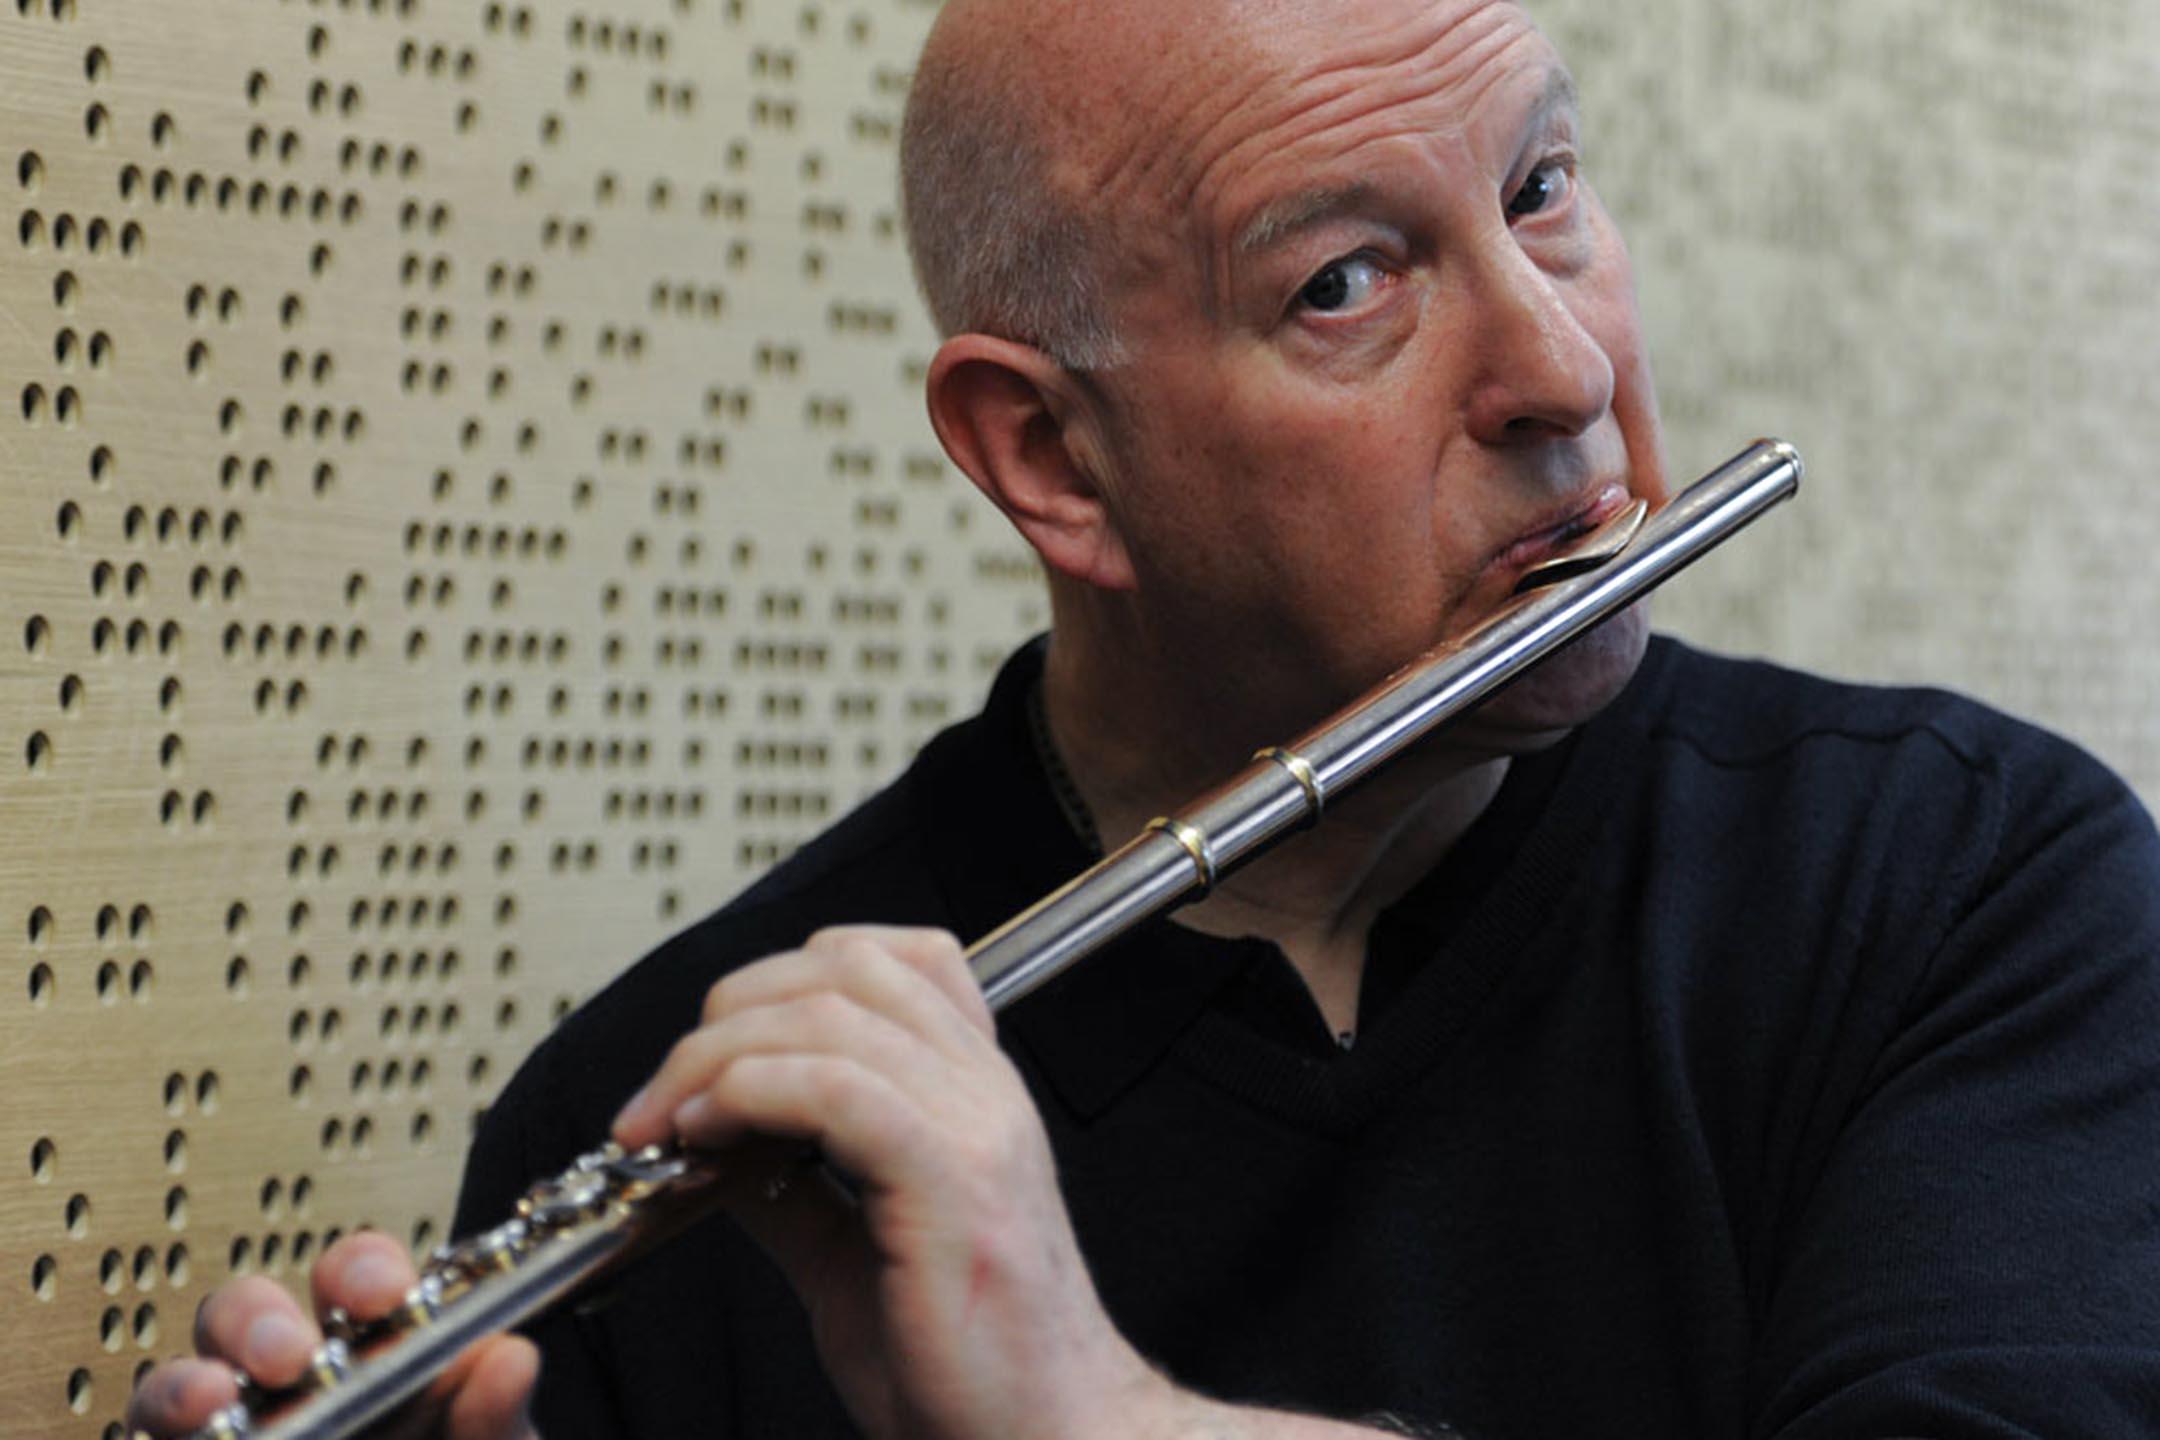 著名獨立爵士笛子手Paul Cheneour為28萬人聯署者,受脫歐及新冠肺炎他與歐盟國成員合作的計劃將要擱置。